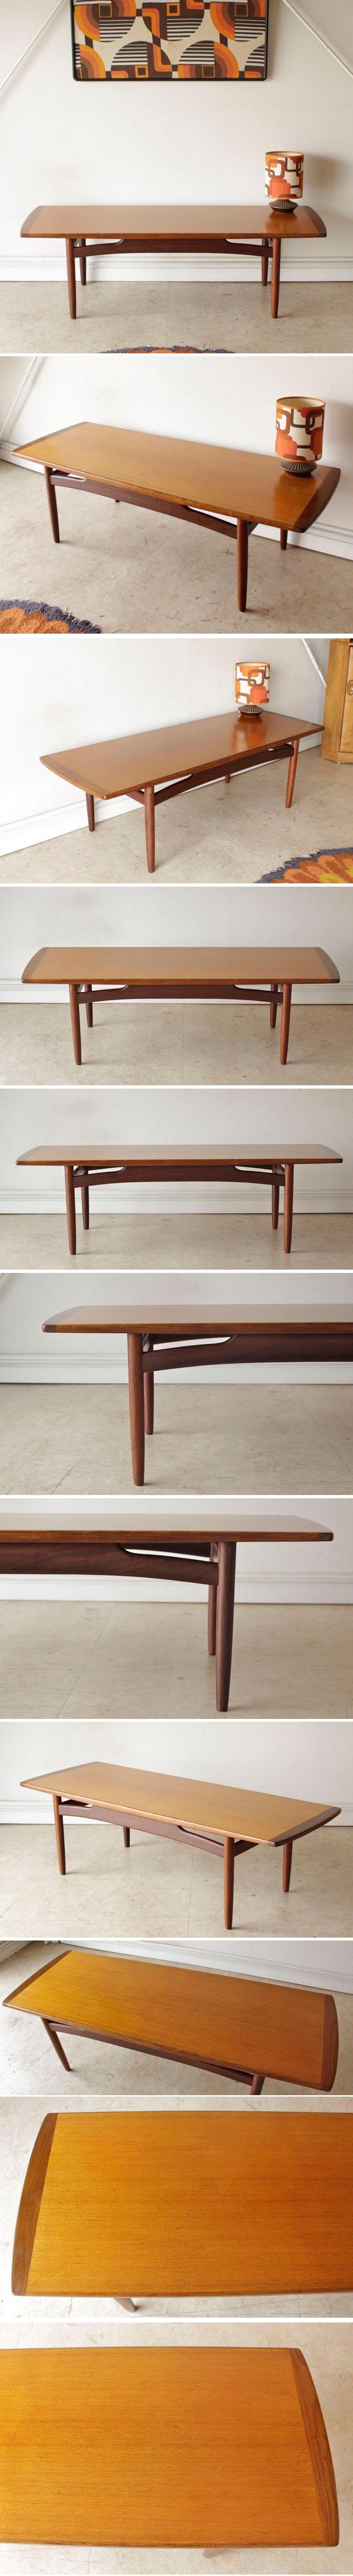 イギリス製G-planジープラン【チーク】ビンテージコーヒーテーブル北欧アンティーク輸入家具